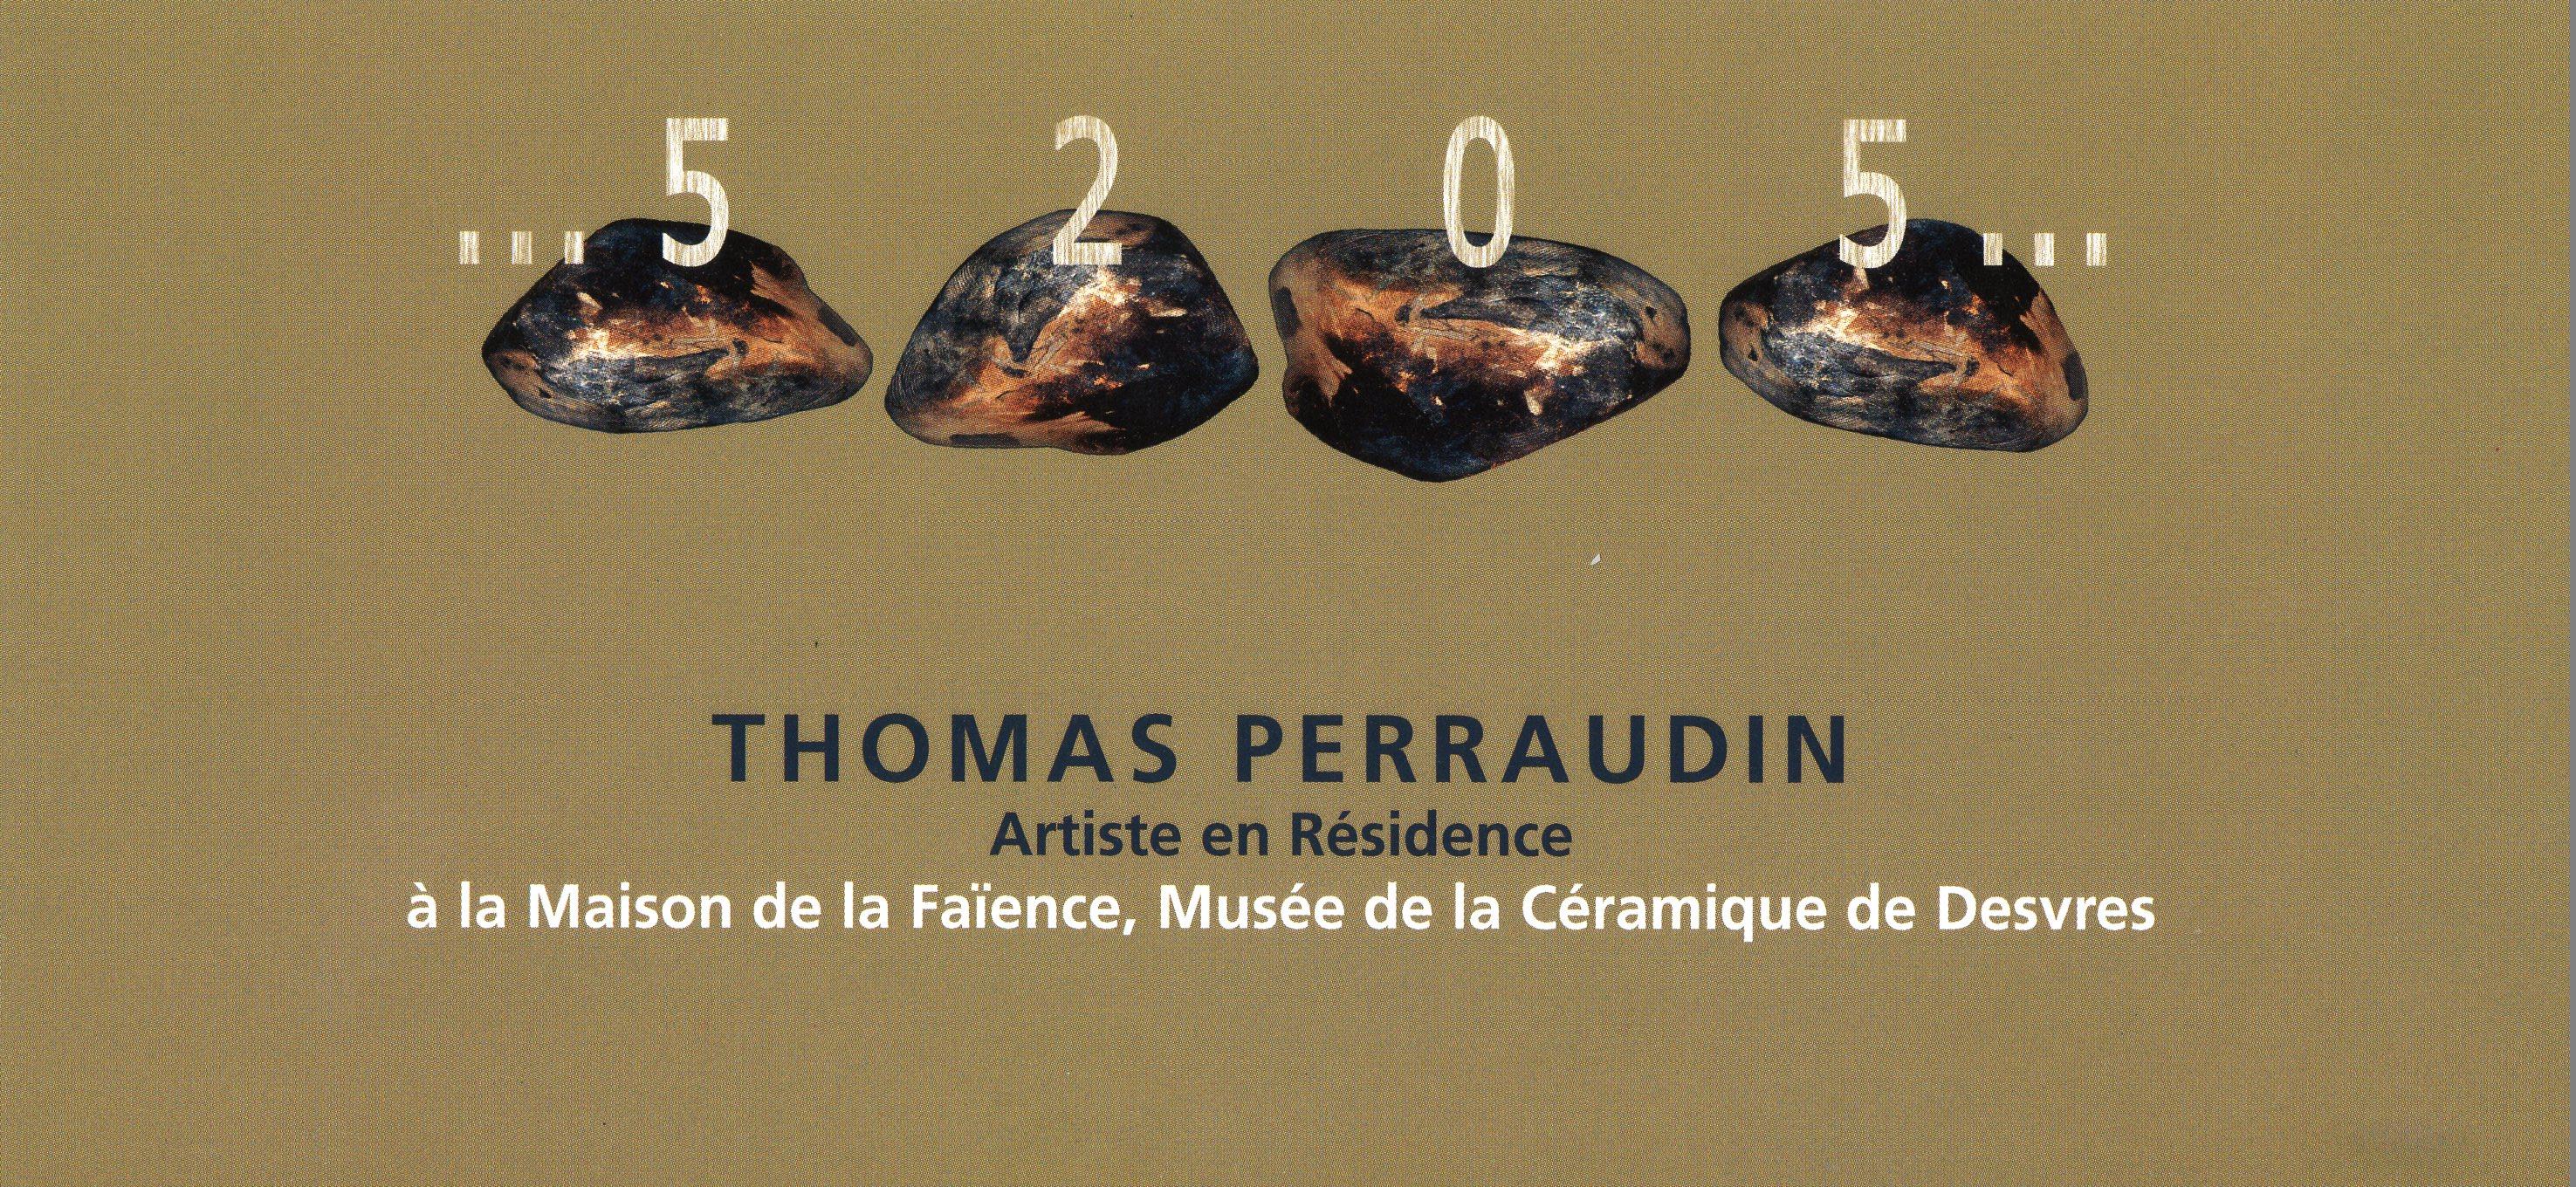 Thomas Perraudin